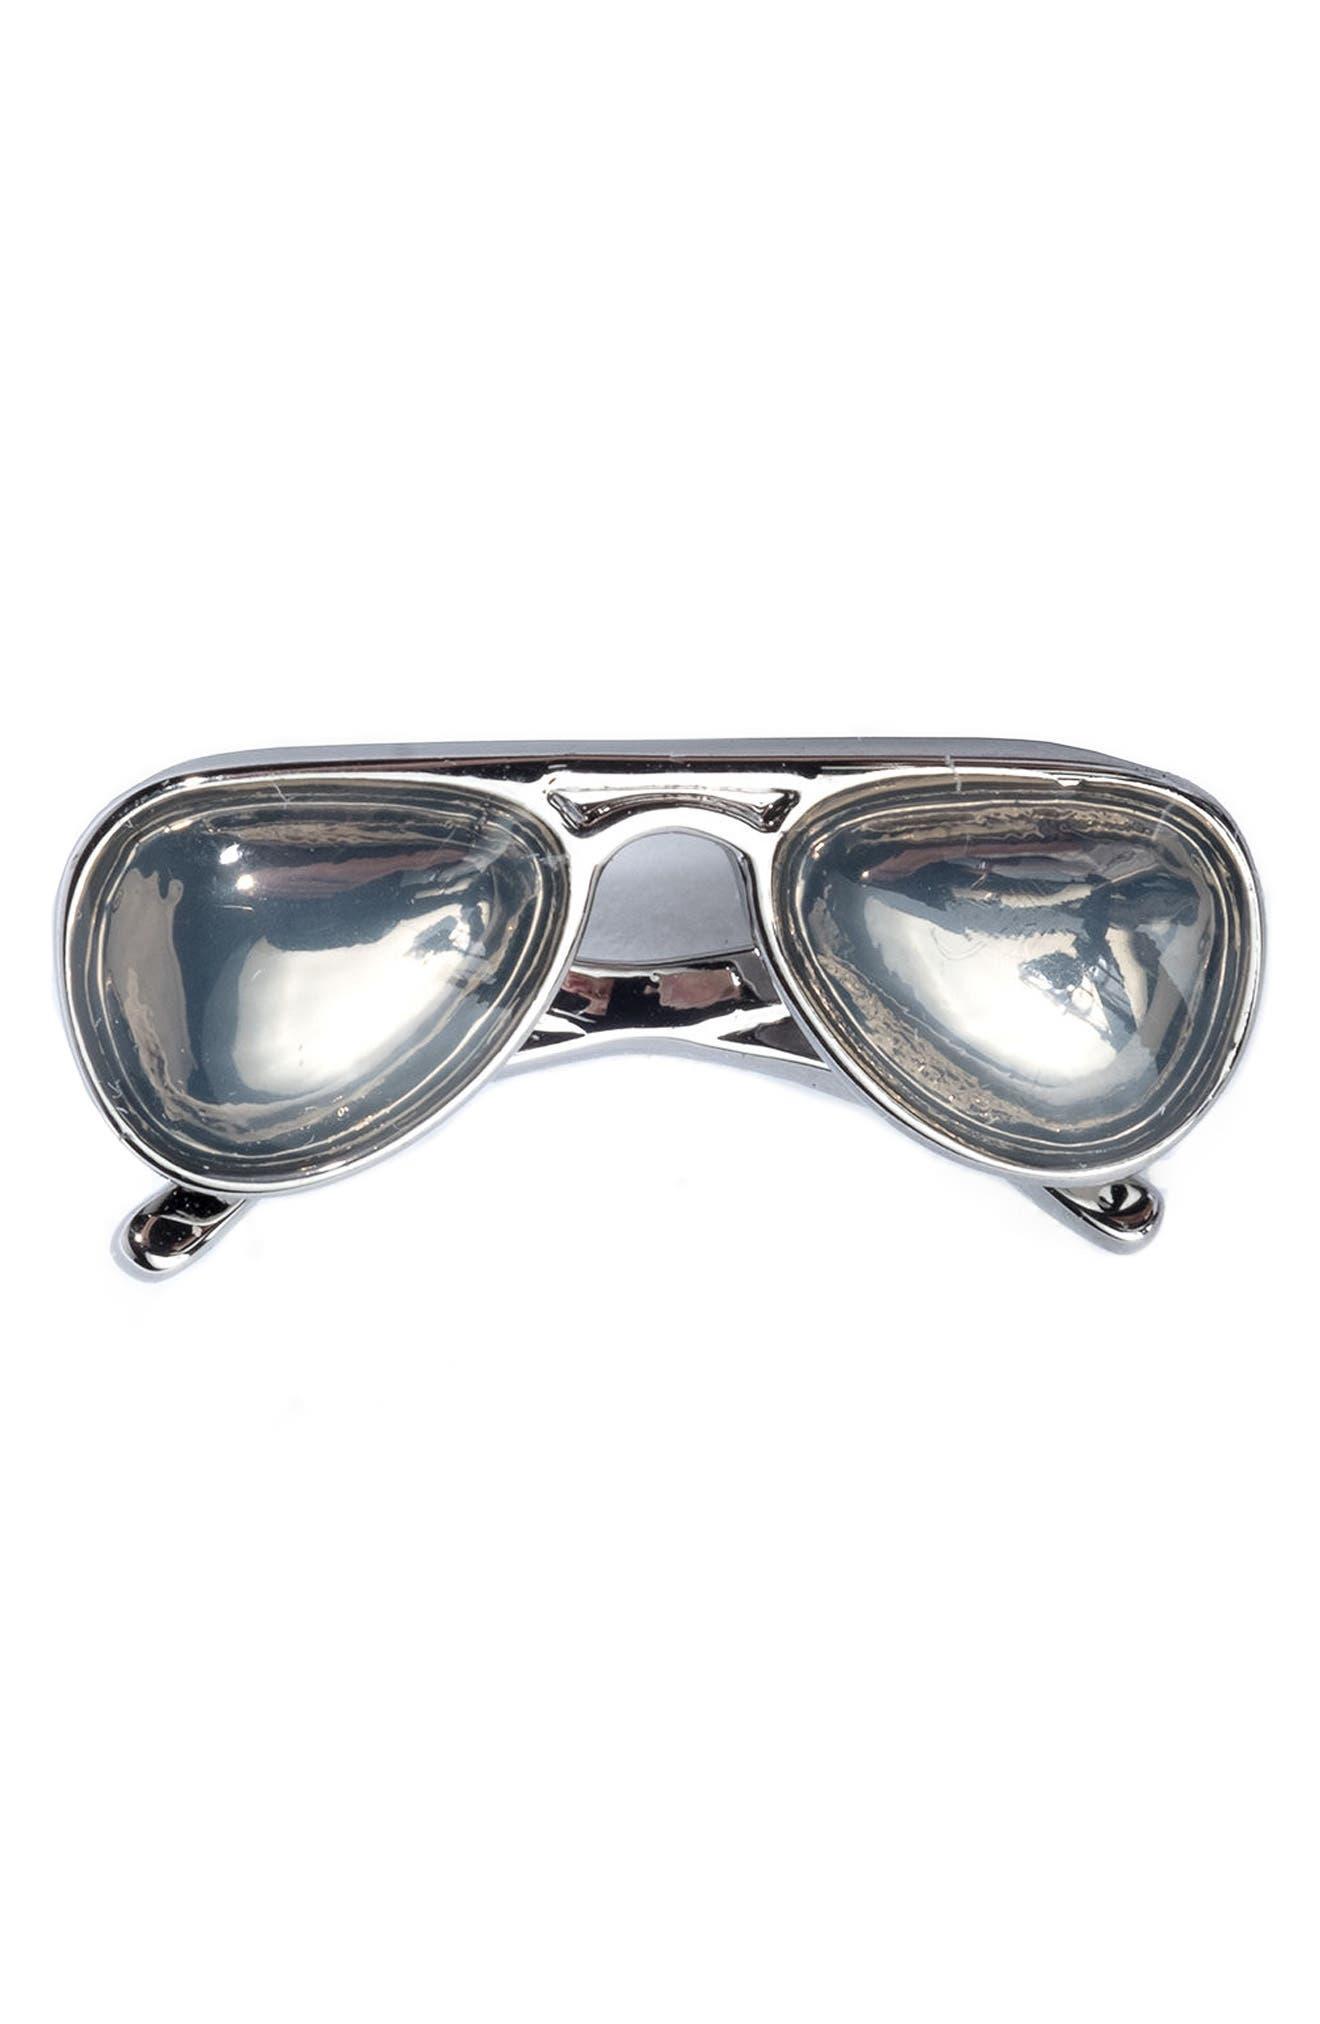 Main Image - hook + ALBERT Sunglasses Lapel Pin